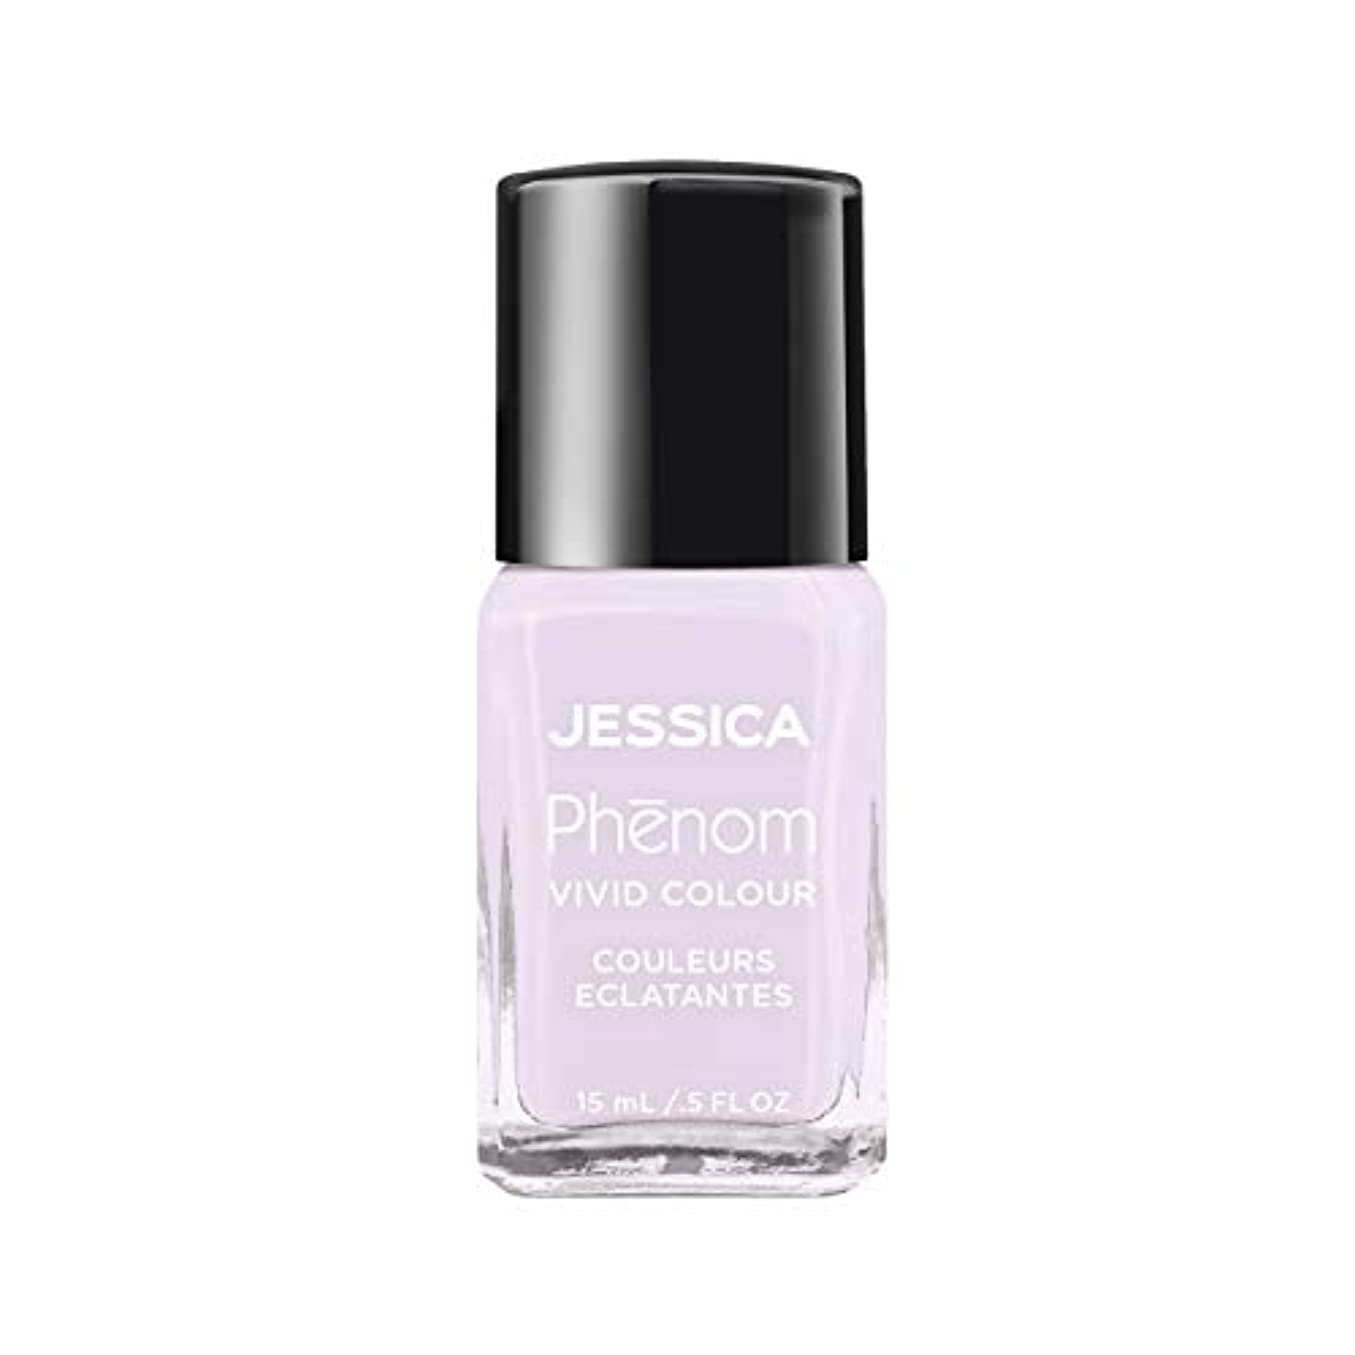 収入追う半円Jessica Phenom Nail Lacquer - Pretty in Pearls - 15ml / 0.5oz